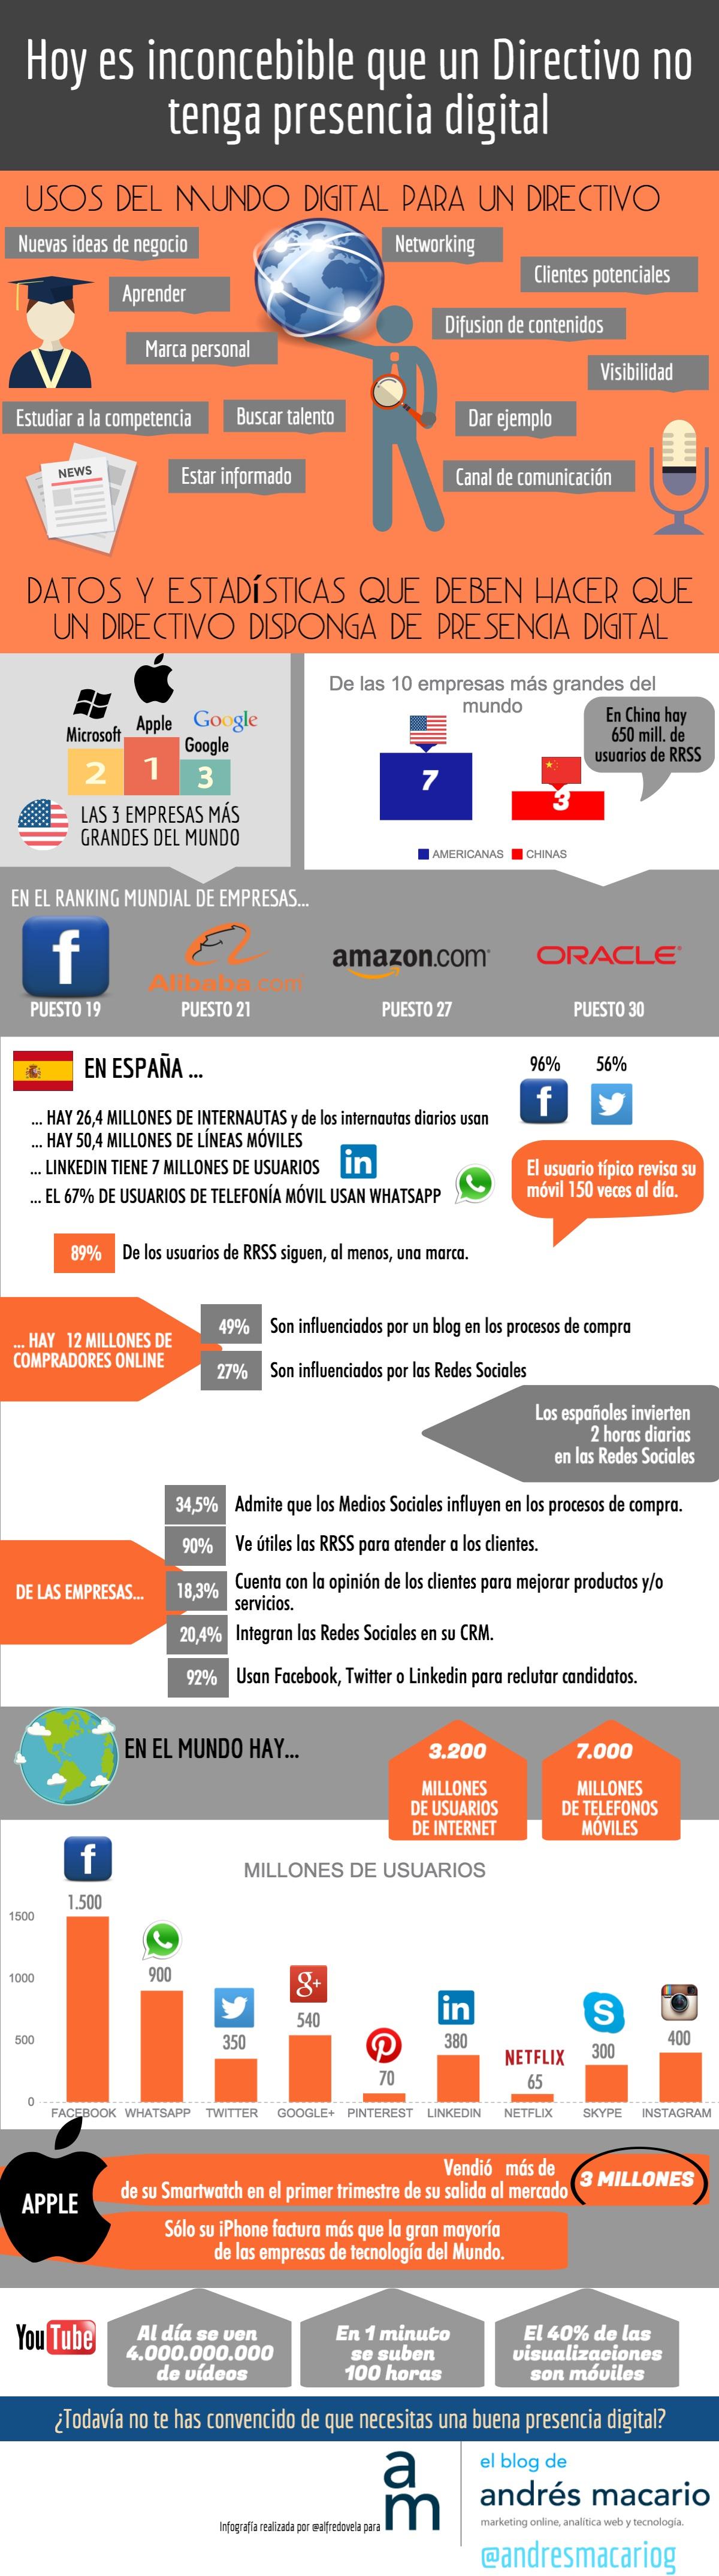 Usos de la presencia digital para un directivo - infografia - Andres Macario